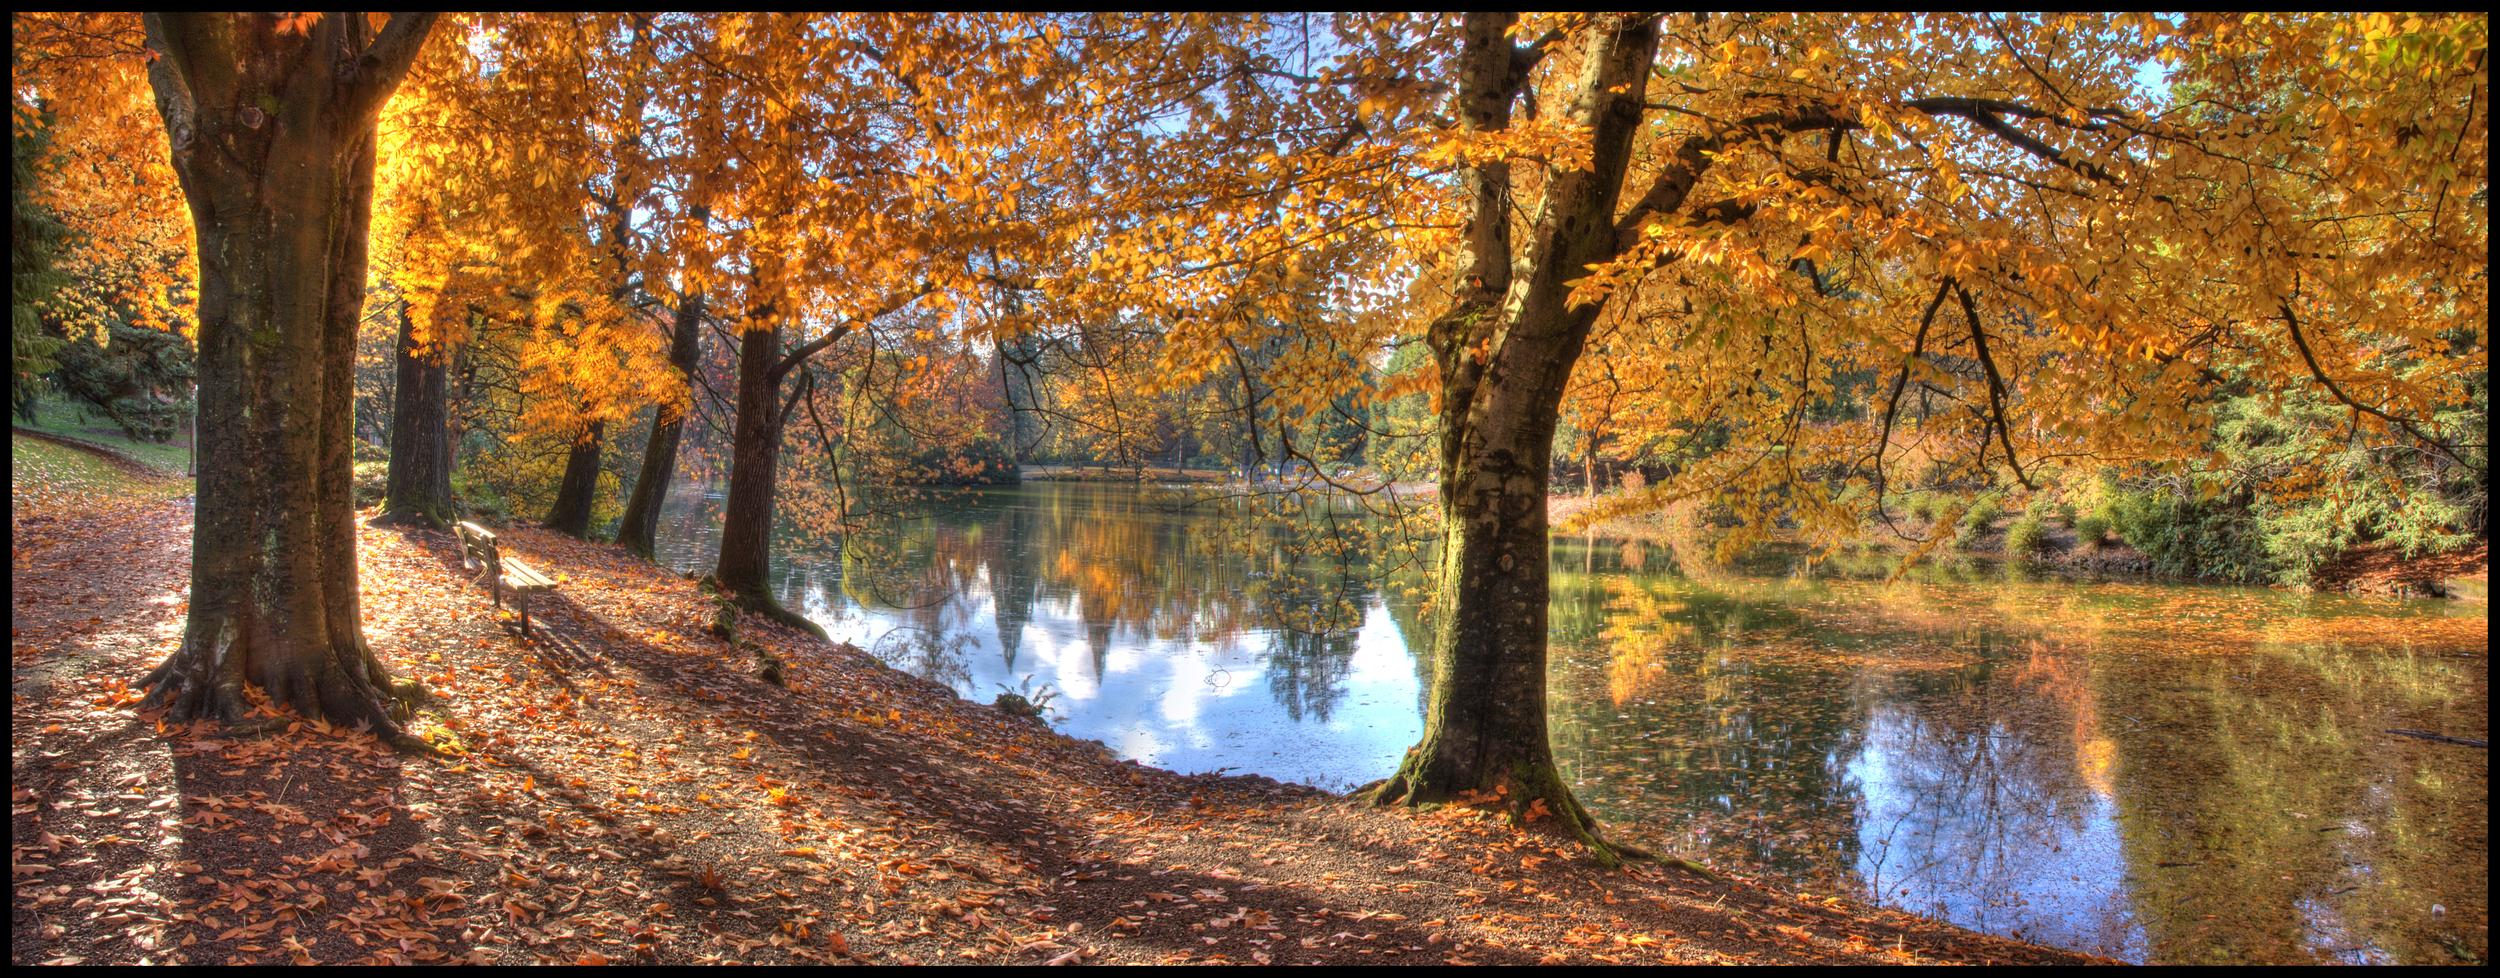 Laurelhurst Park, Portland, OR